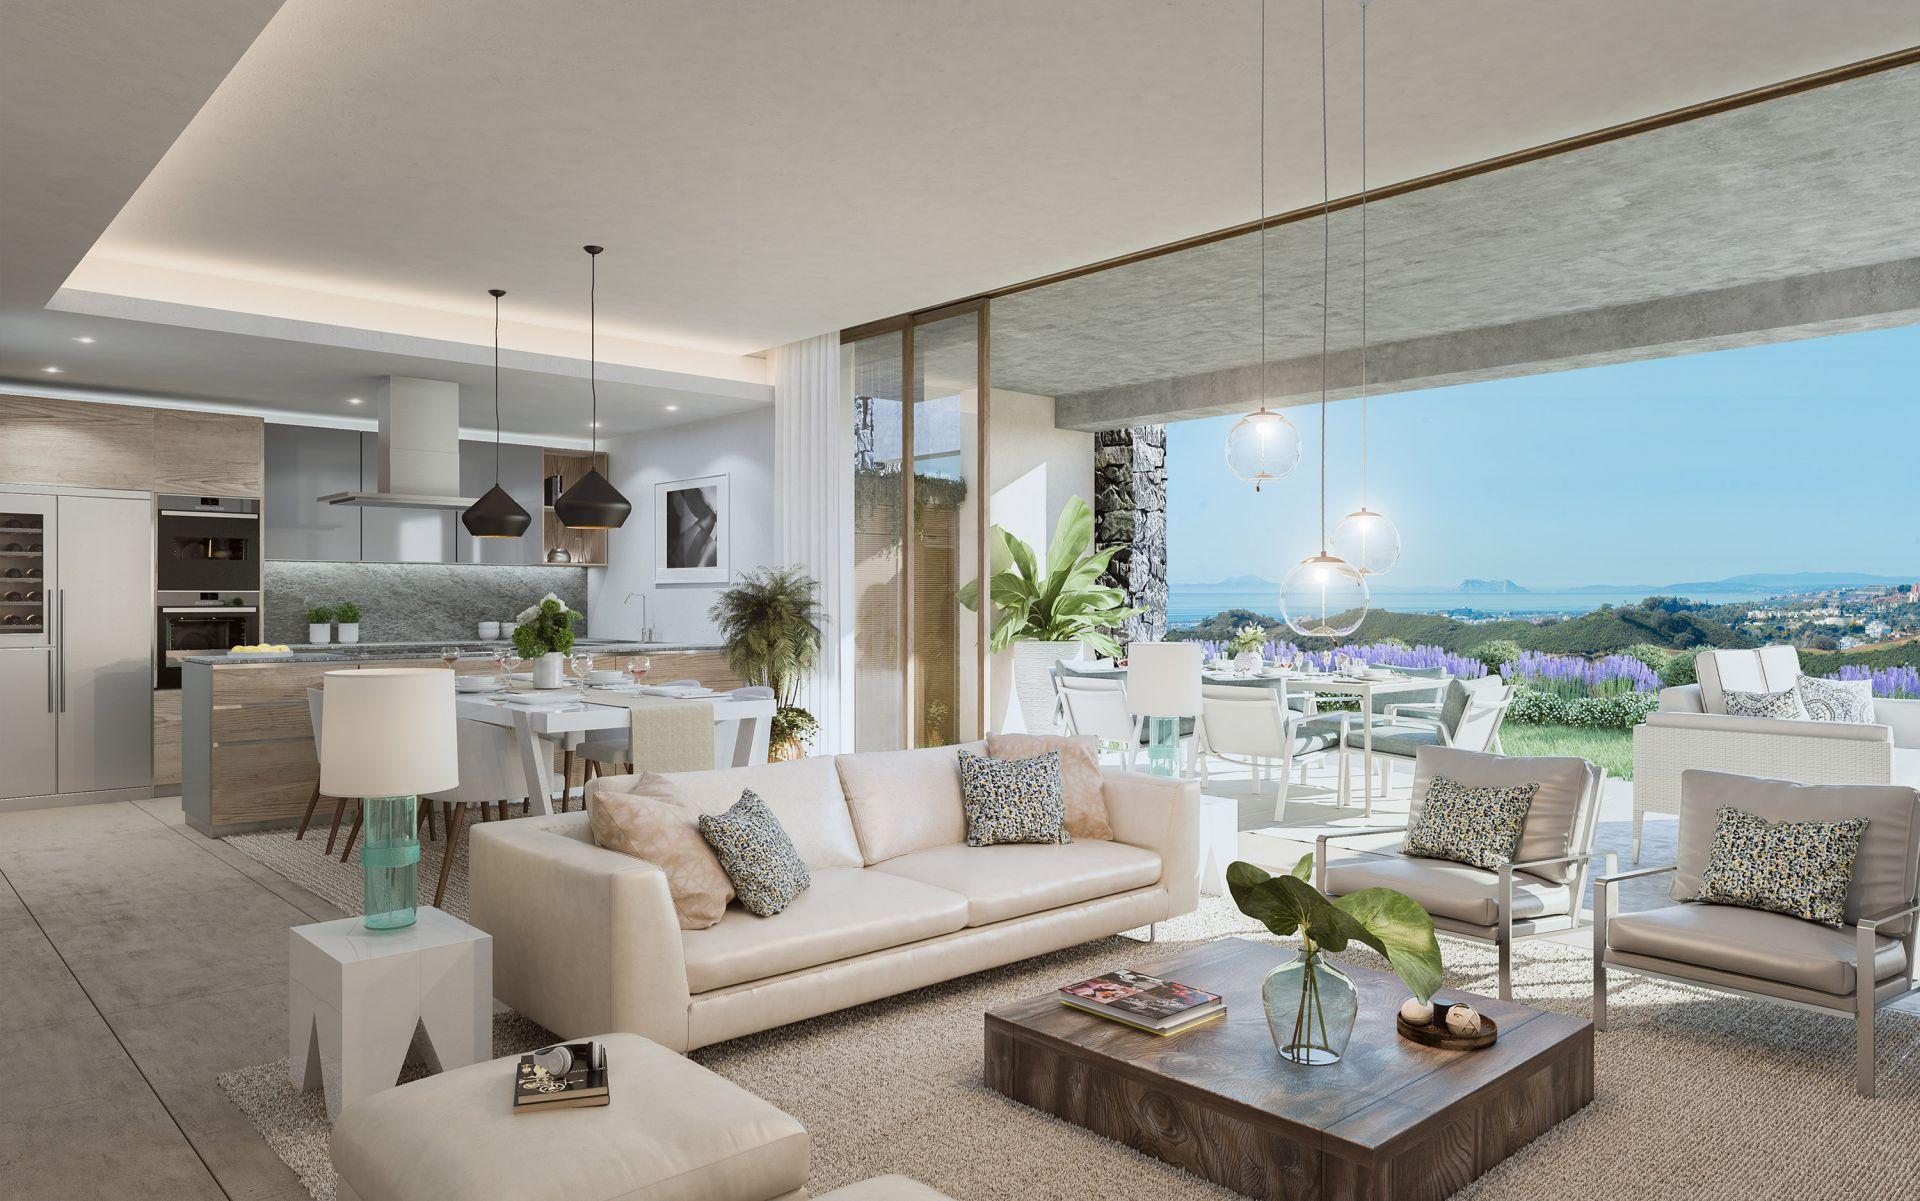 moderne wohnungen im einzigartigen design zu verkaufen in la quinta bei marbella. Black Bedroom Furniture Sets. Home Design Ideas